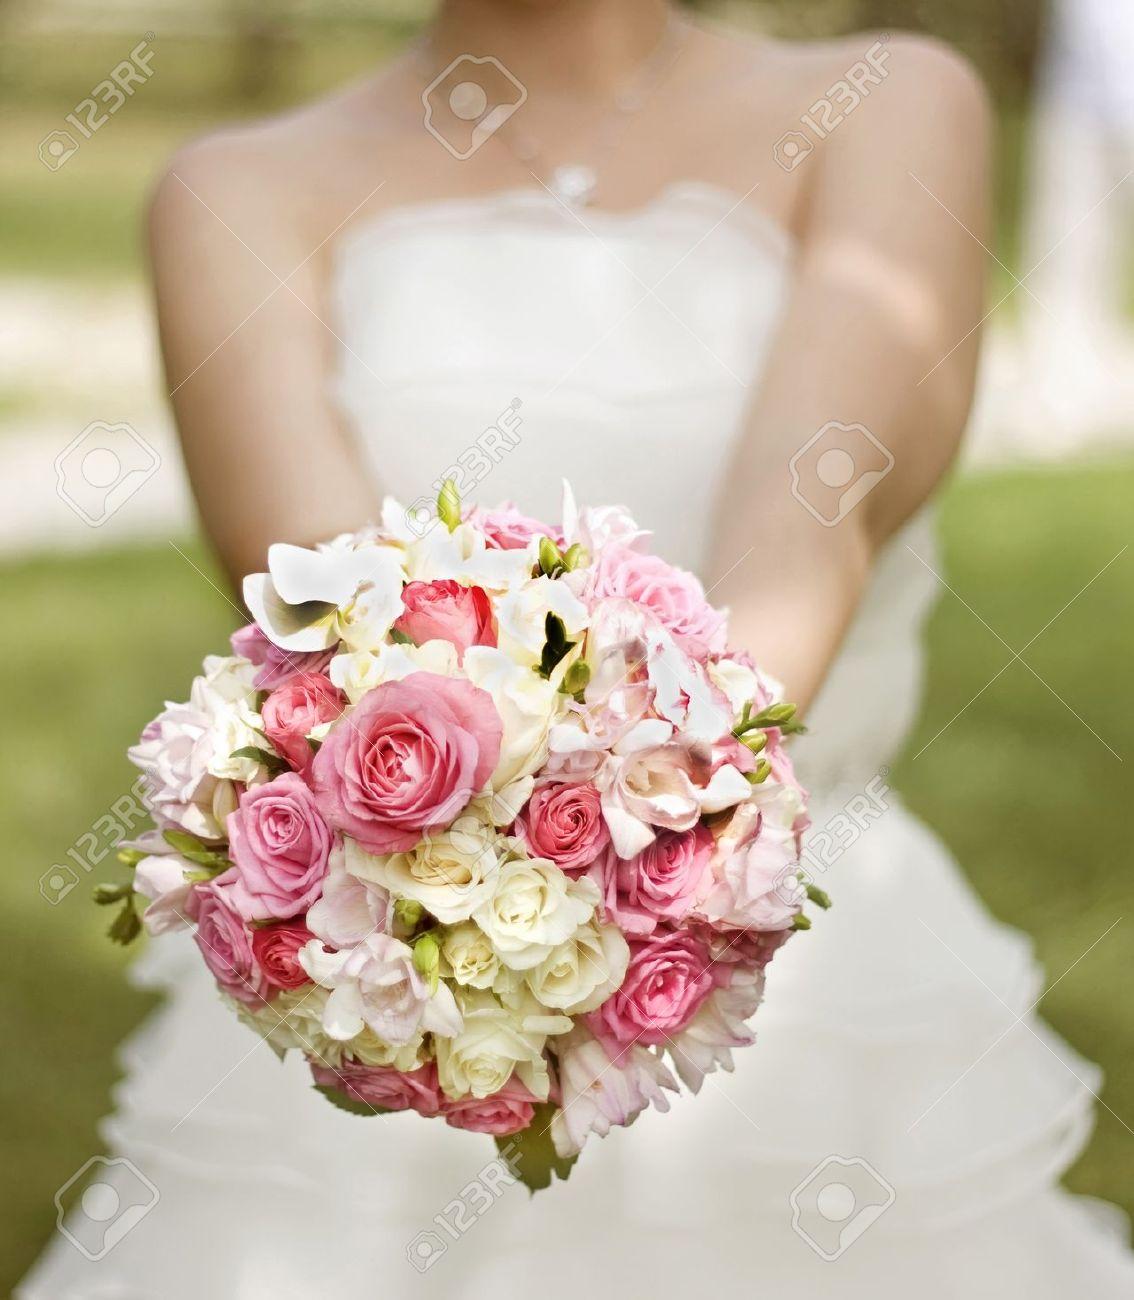 Braut In Einem Weissen Kleid Mit Einem Hochzeitsstrauss Weiss Und Rosa